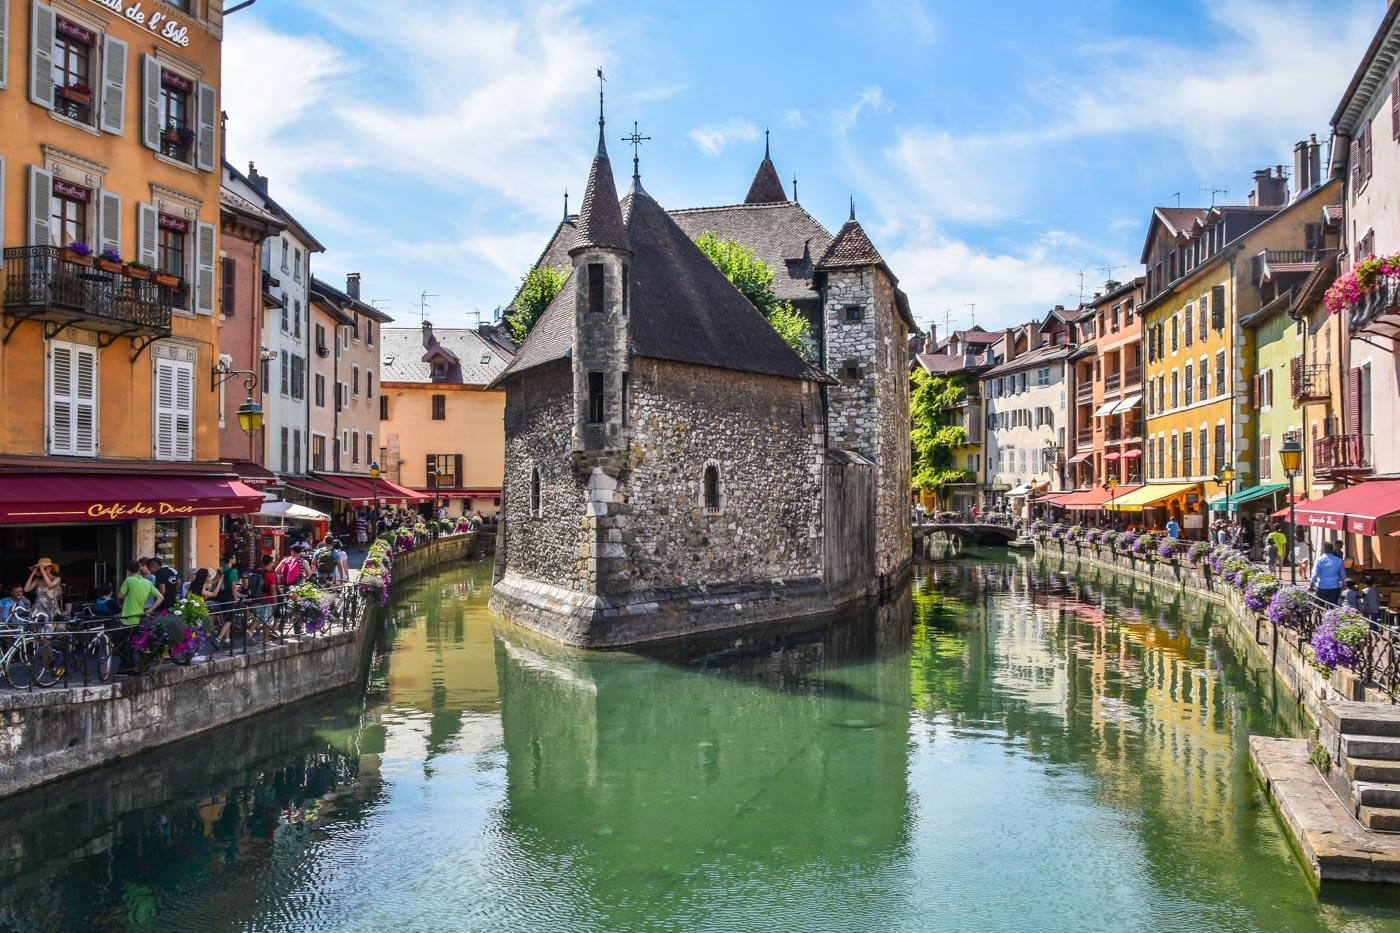 Велопутешествие по Европе. Франция - Анси